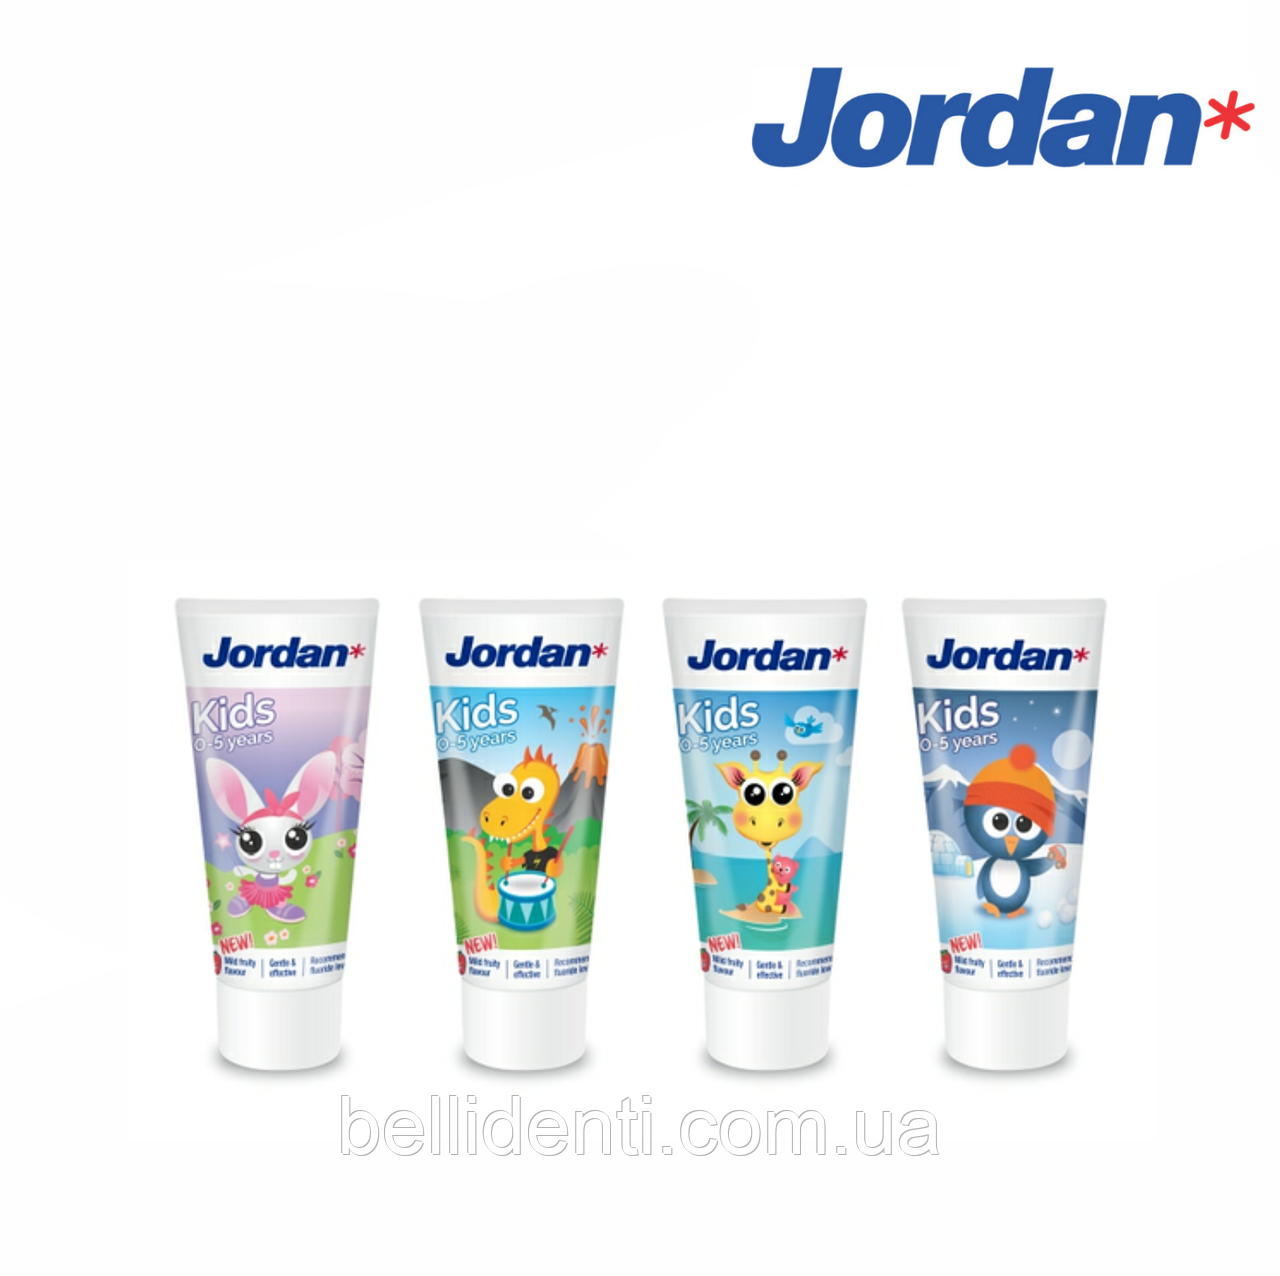 Детская зубная паста Jordan Kids 0-5 лет, 50 мл